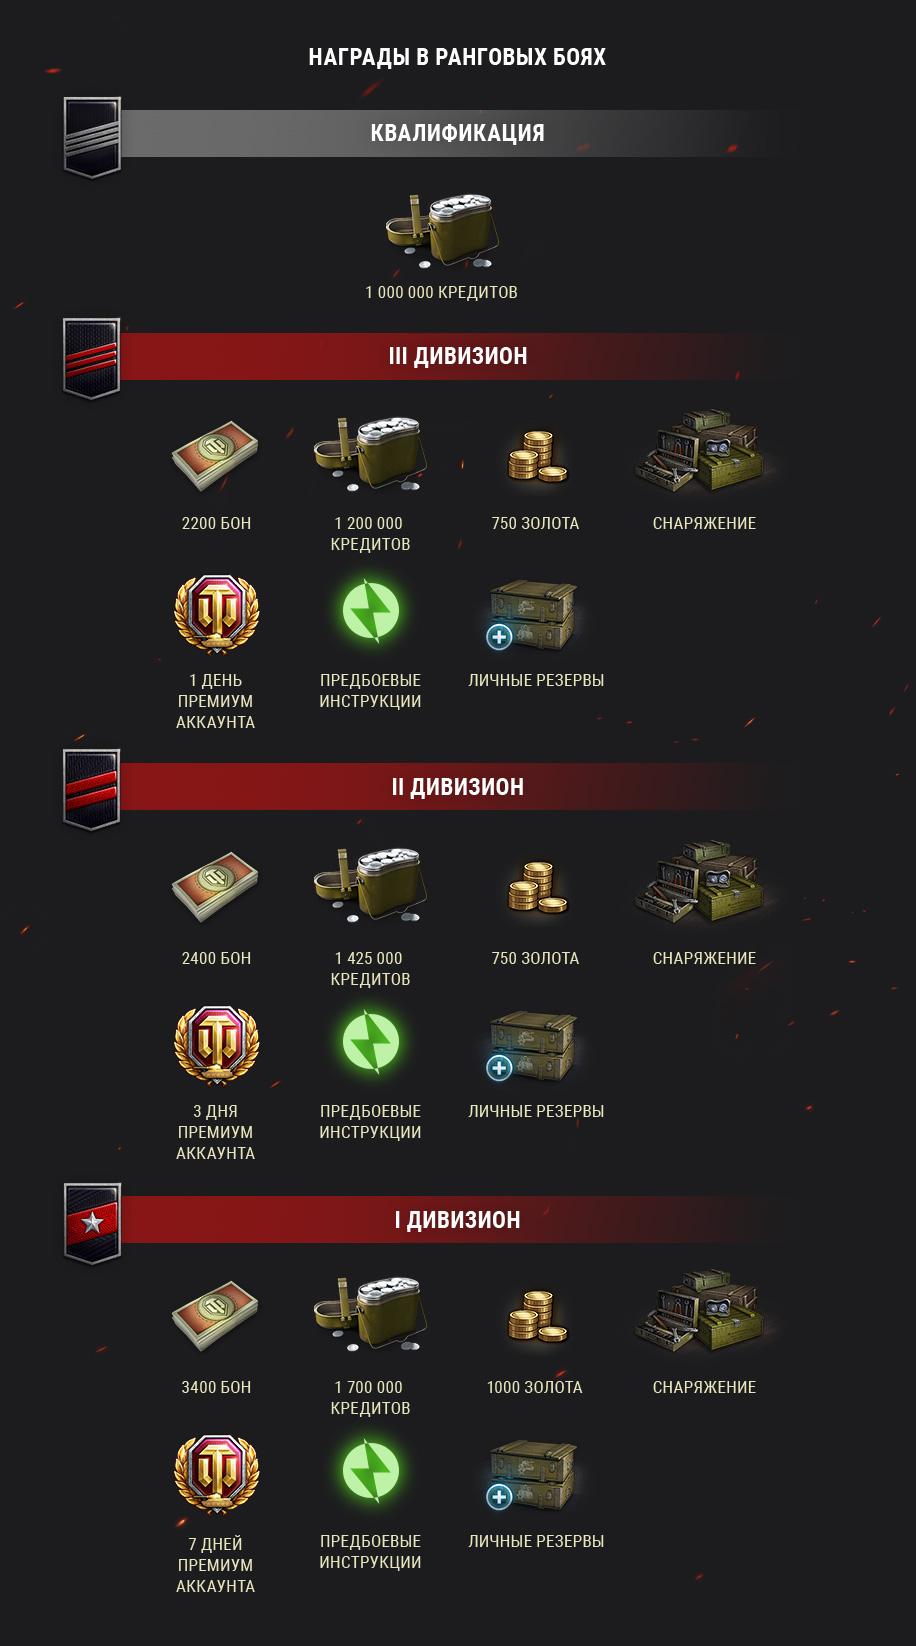 награды в ранговых боях 2019